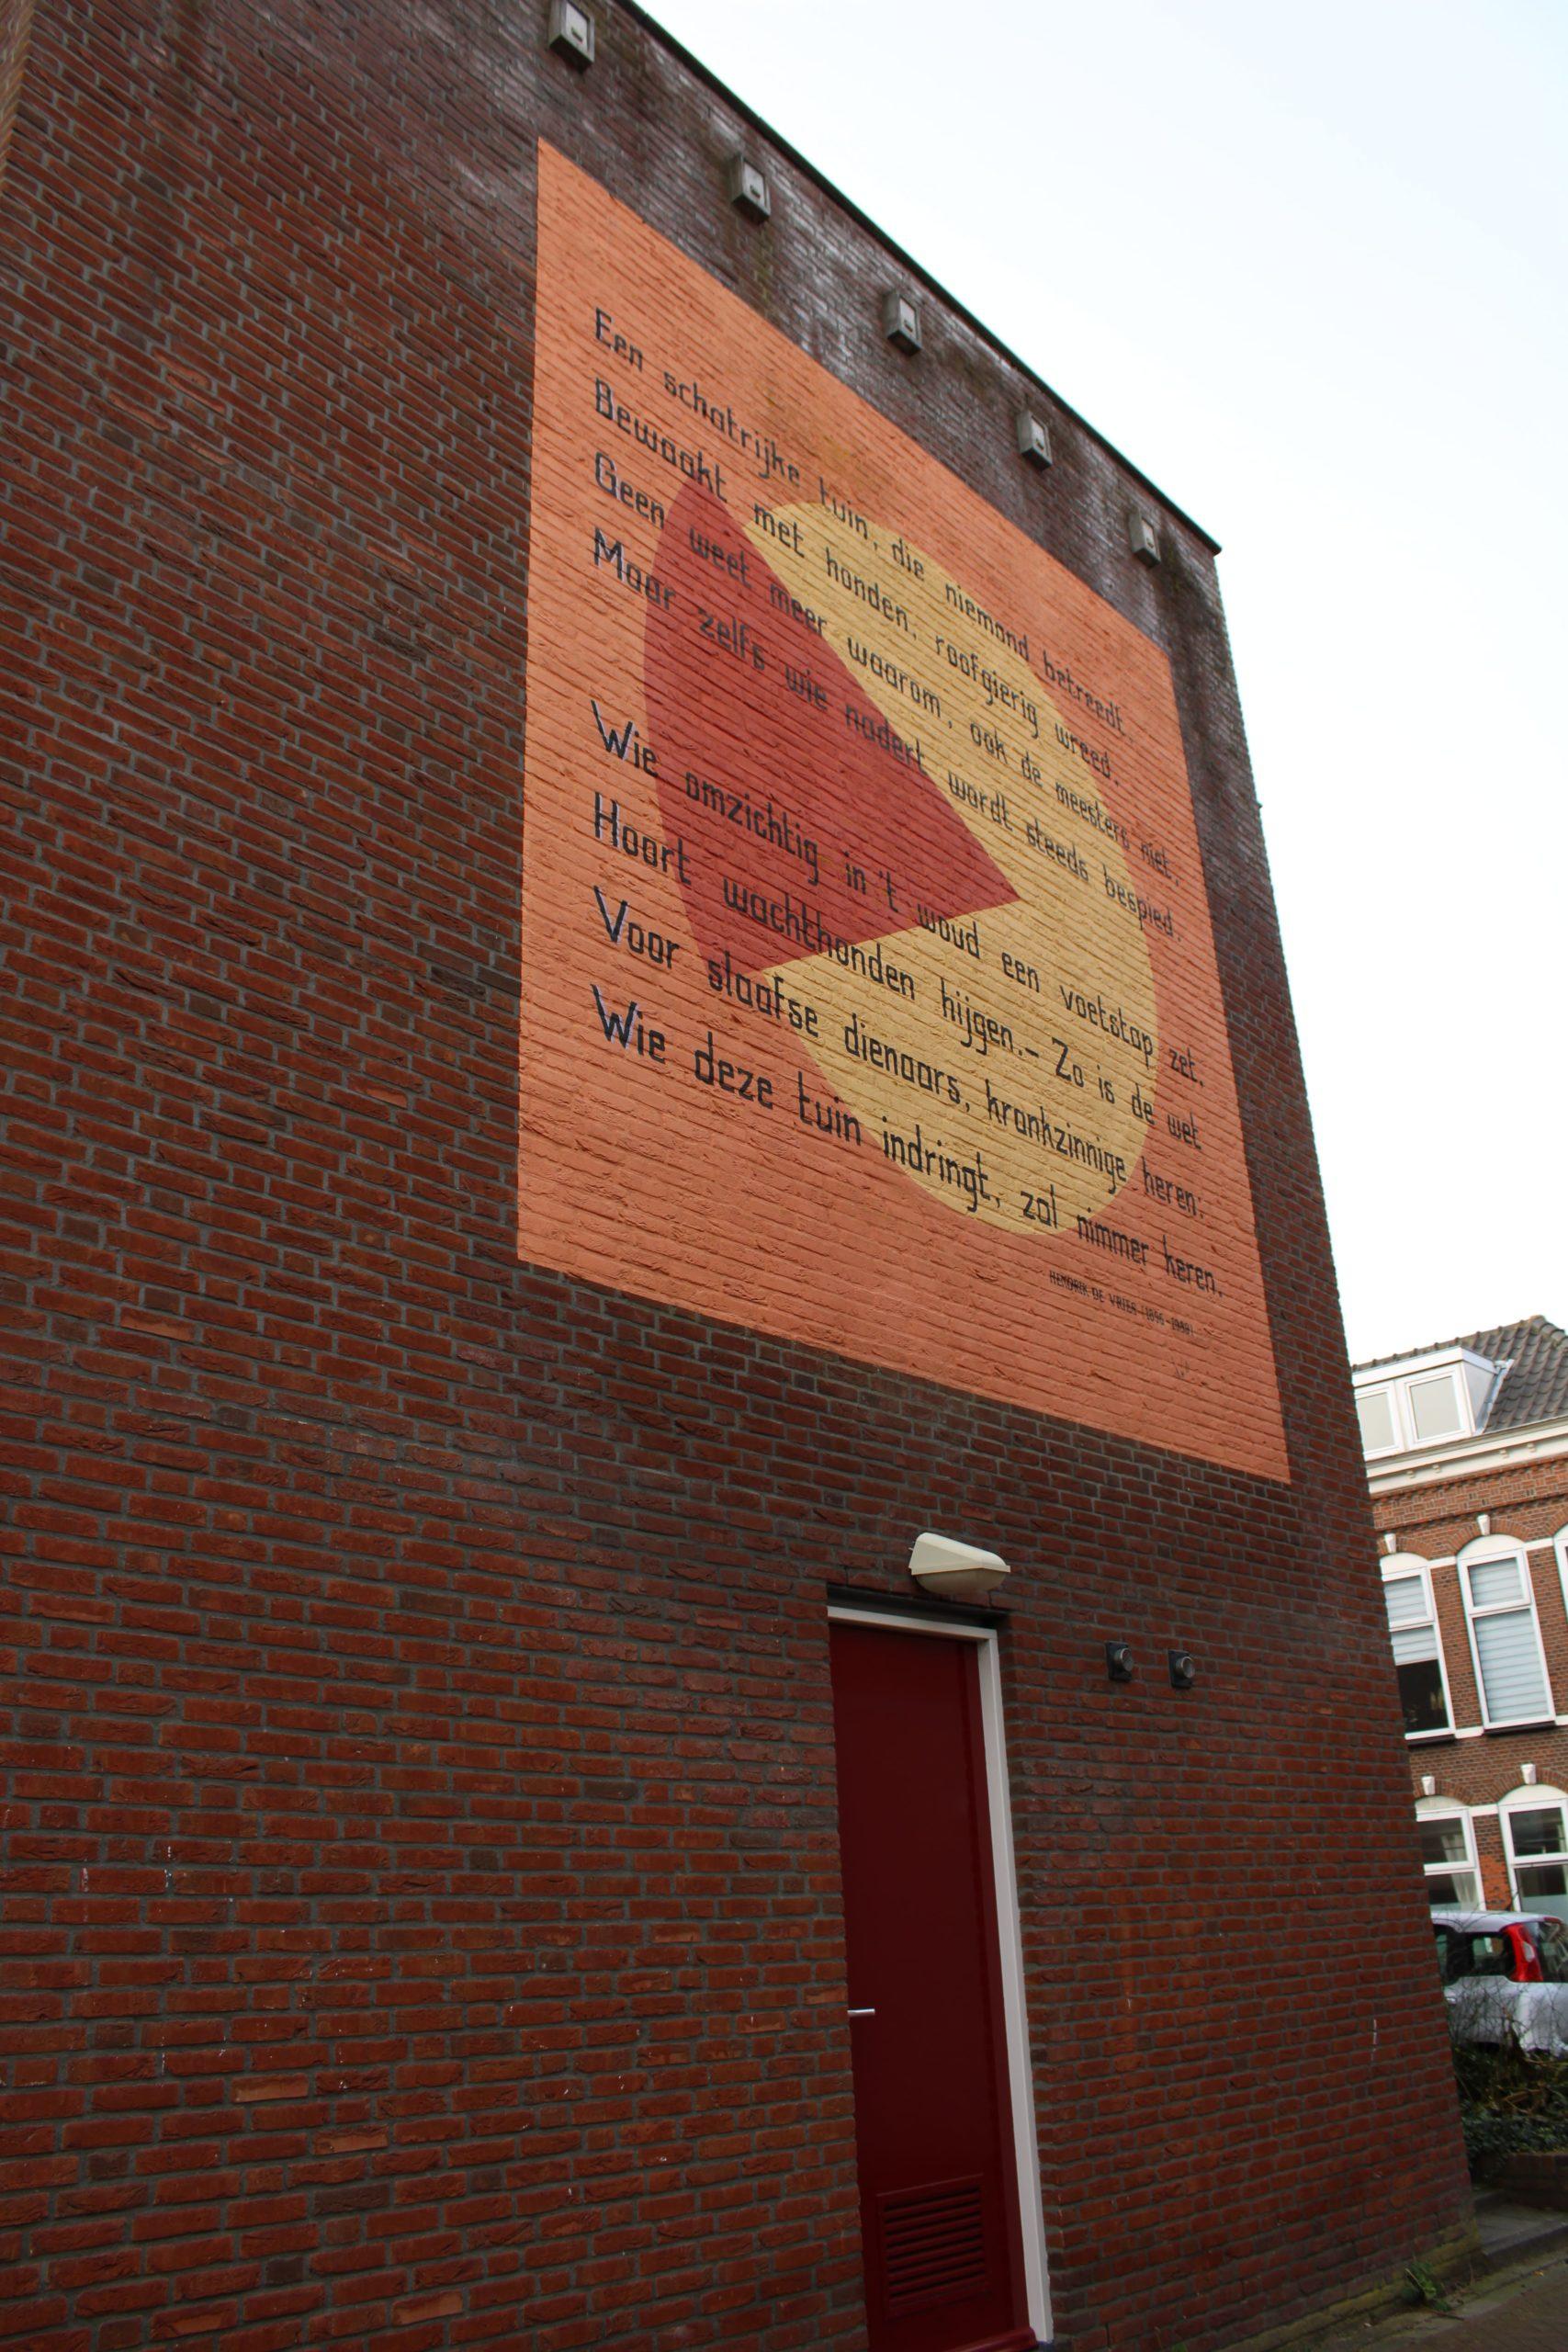 Poem by H. de Vries